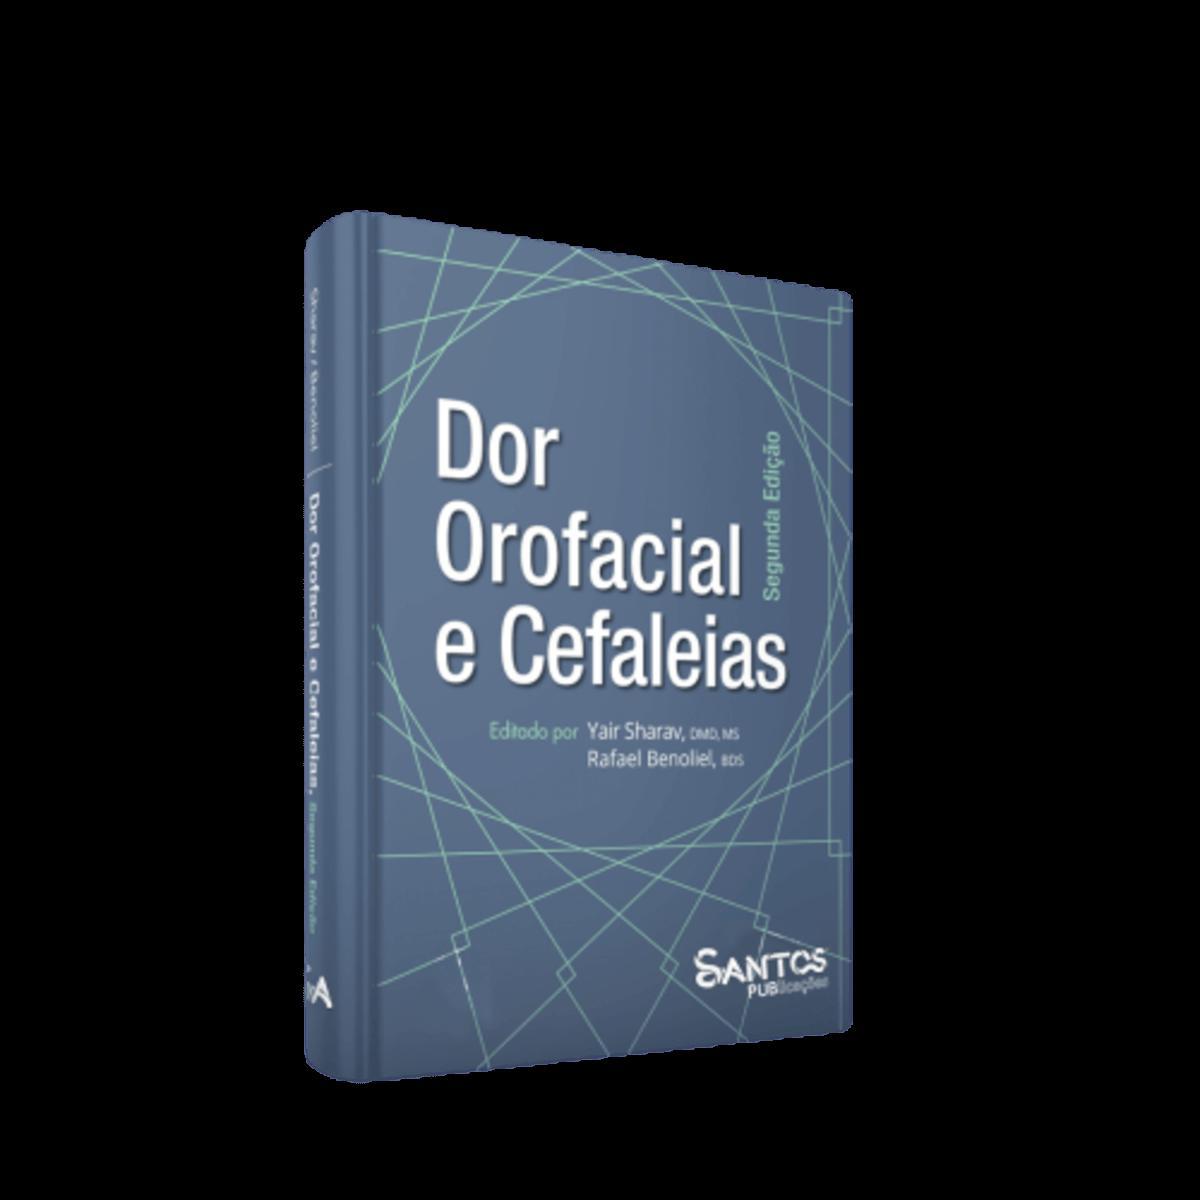 Livro Dor Orofacial e Cefaleias, 2ª Edição